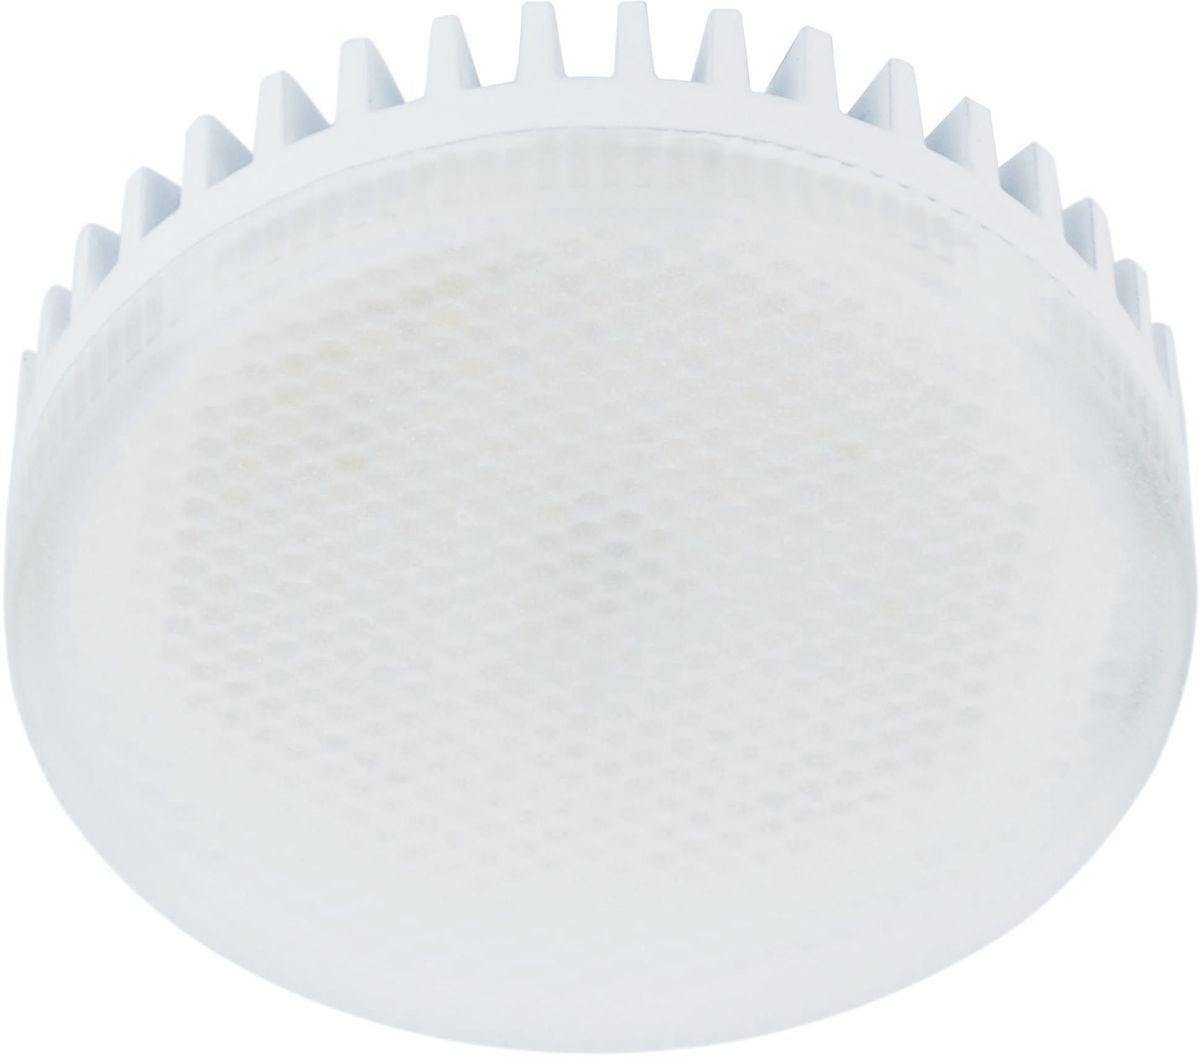 Лампа светодиодная REV, теплый свет, цоколь GX53, 8W32 9Энергосберегающая светодиодная лампа в форме шайба теплого свечения. Потребляемая мощность 8Вт. Интенсивность свечения аналогична обычной лампе накаливания мощностью 75Вт. Цоколь GX53. Срок службы 30000 час. Световой поток 640Лм, цветовая температура 3000К